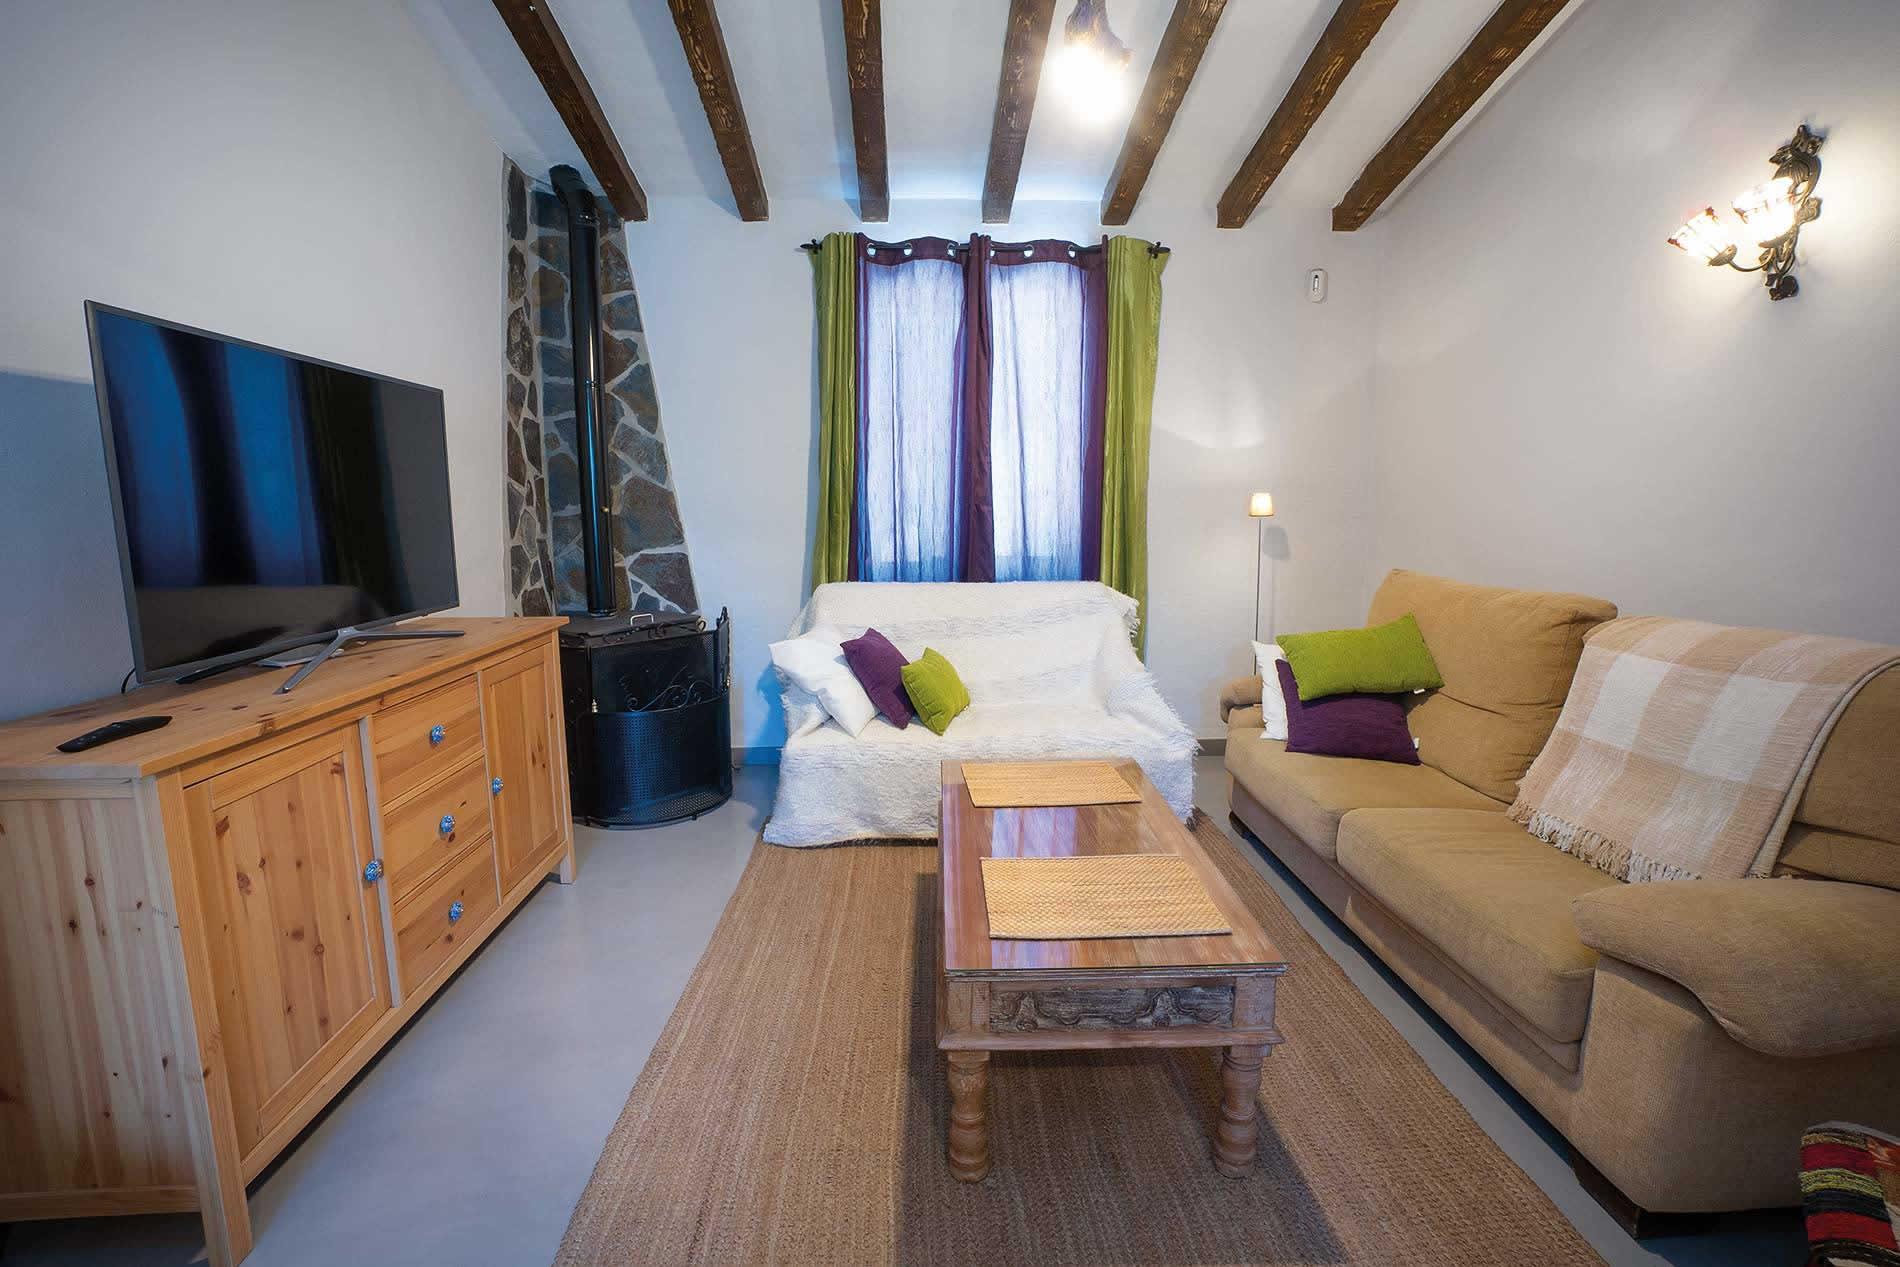 Villa Casa Linda in Nerja - sleeps 6 people